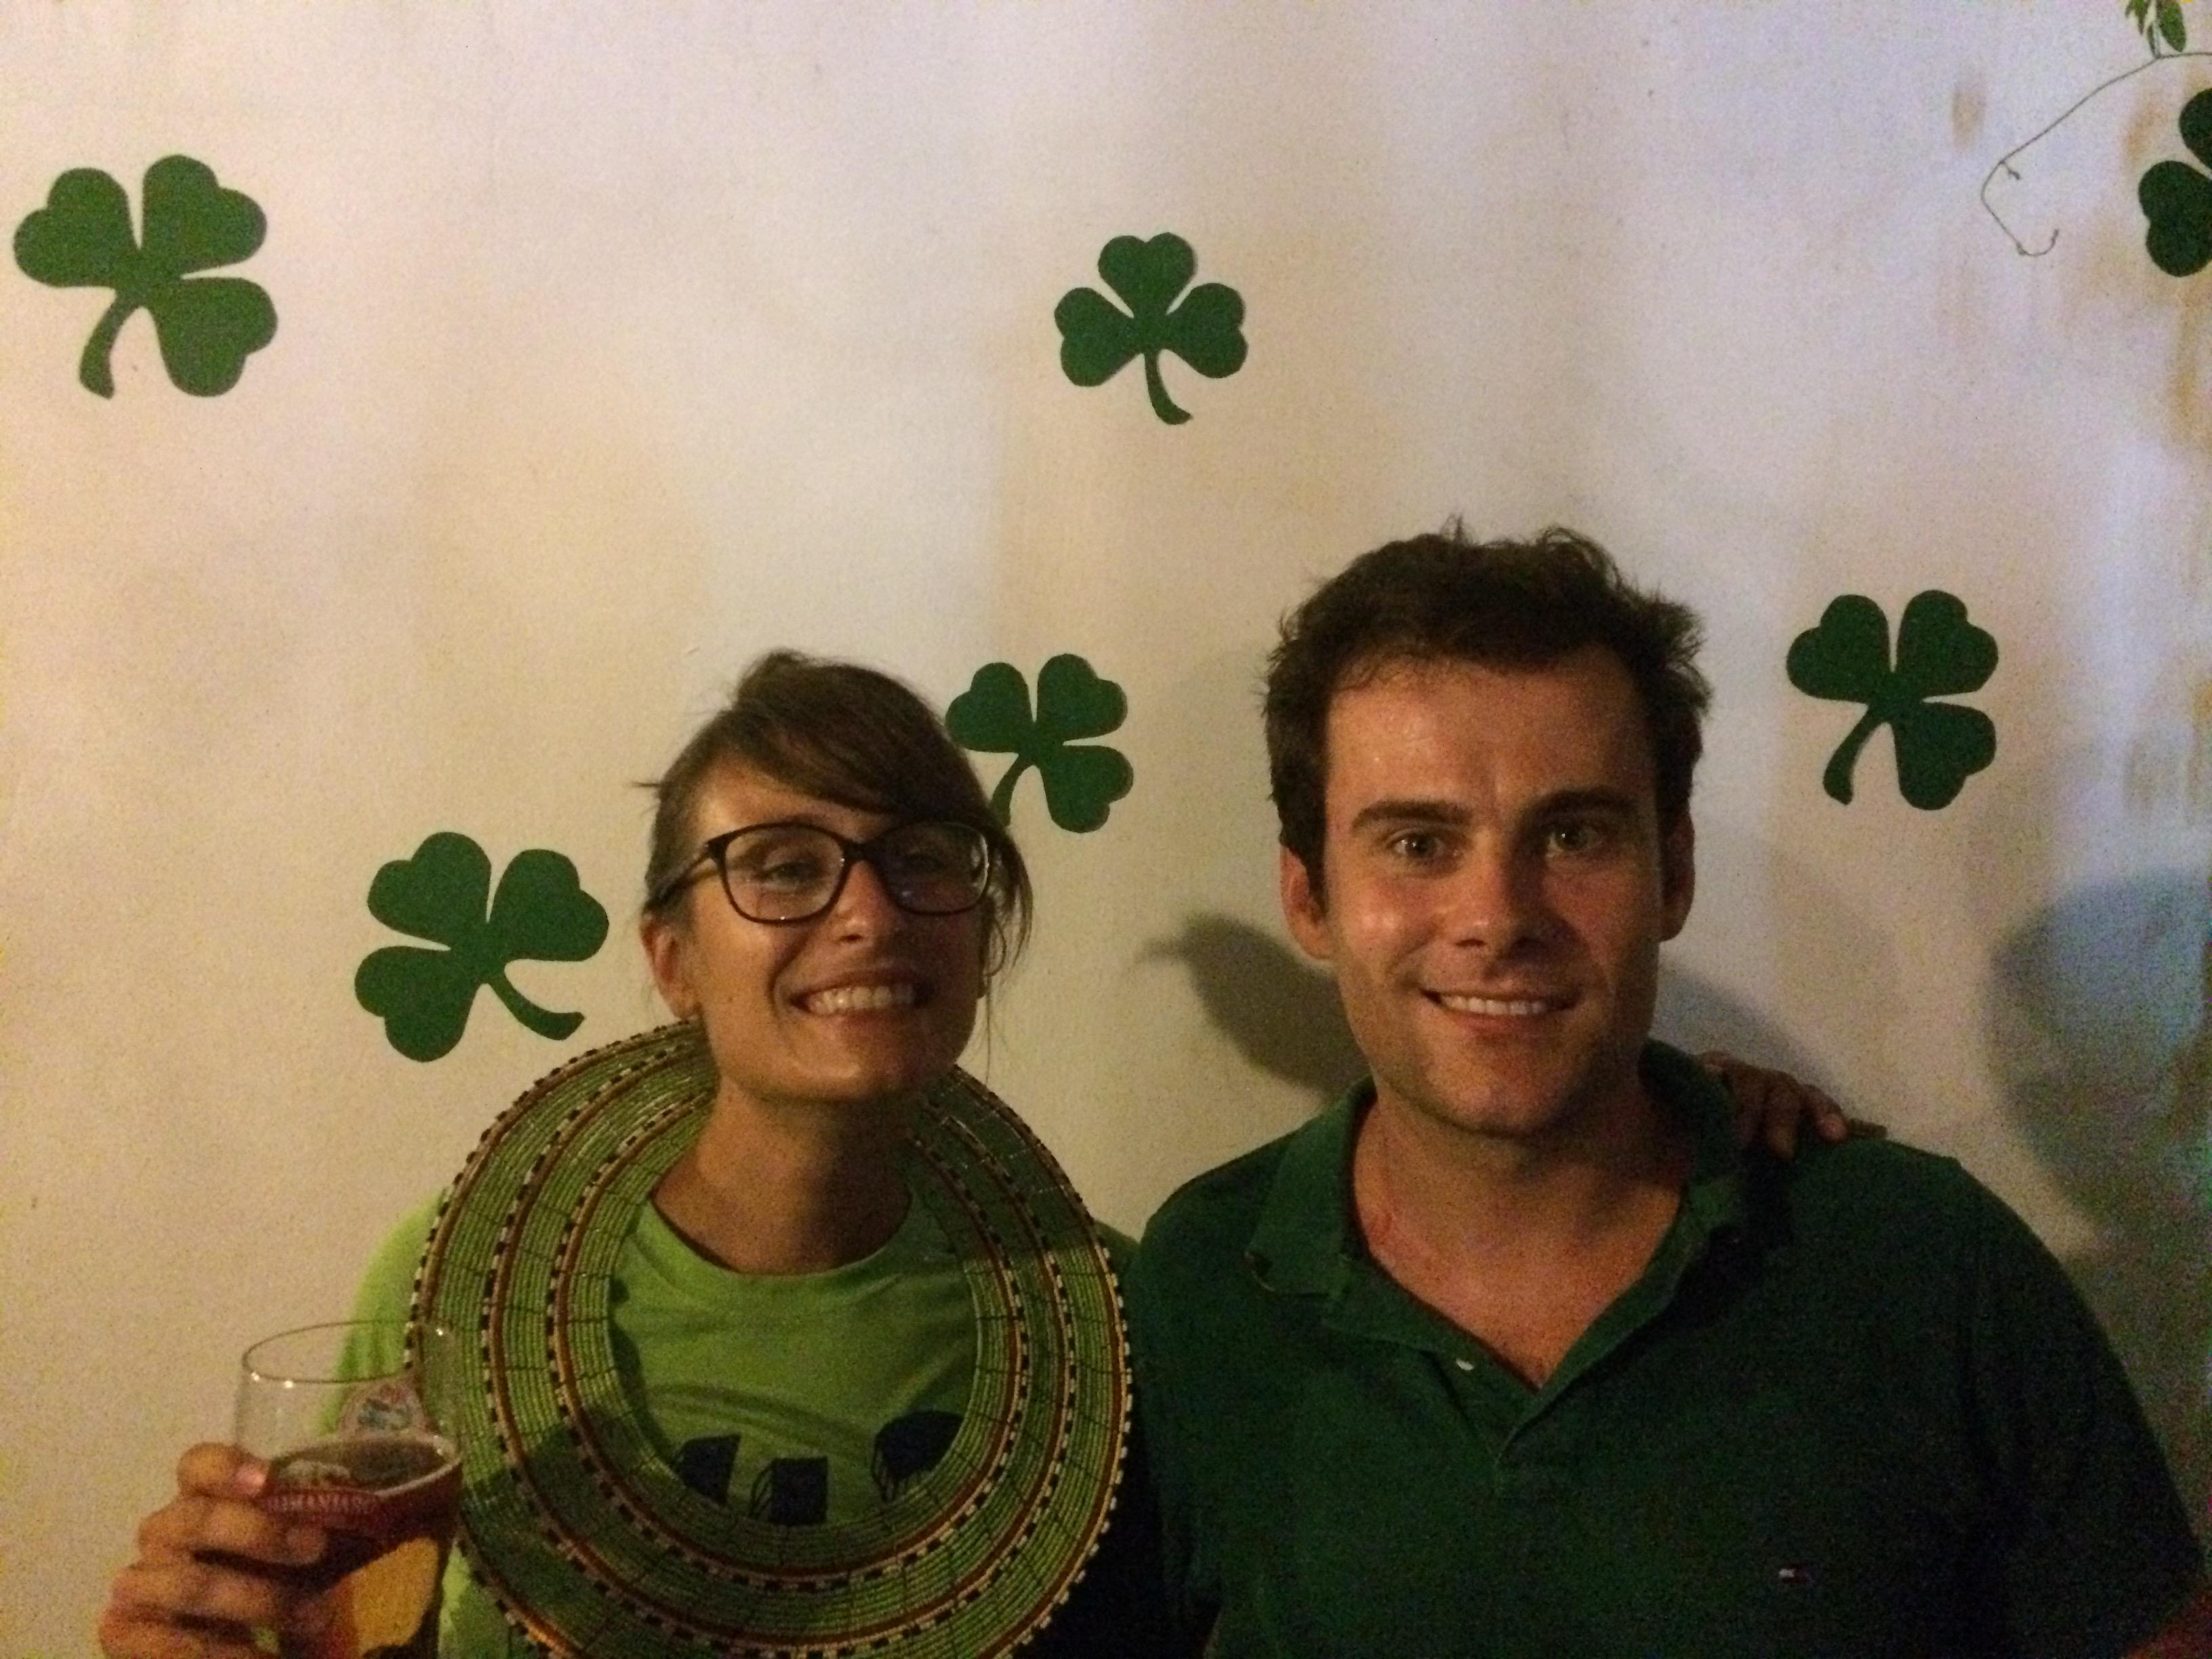 Saint Patrick – Dar Es Salaam